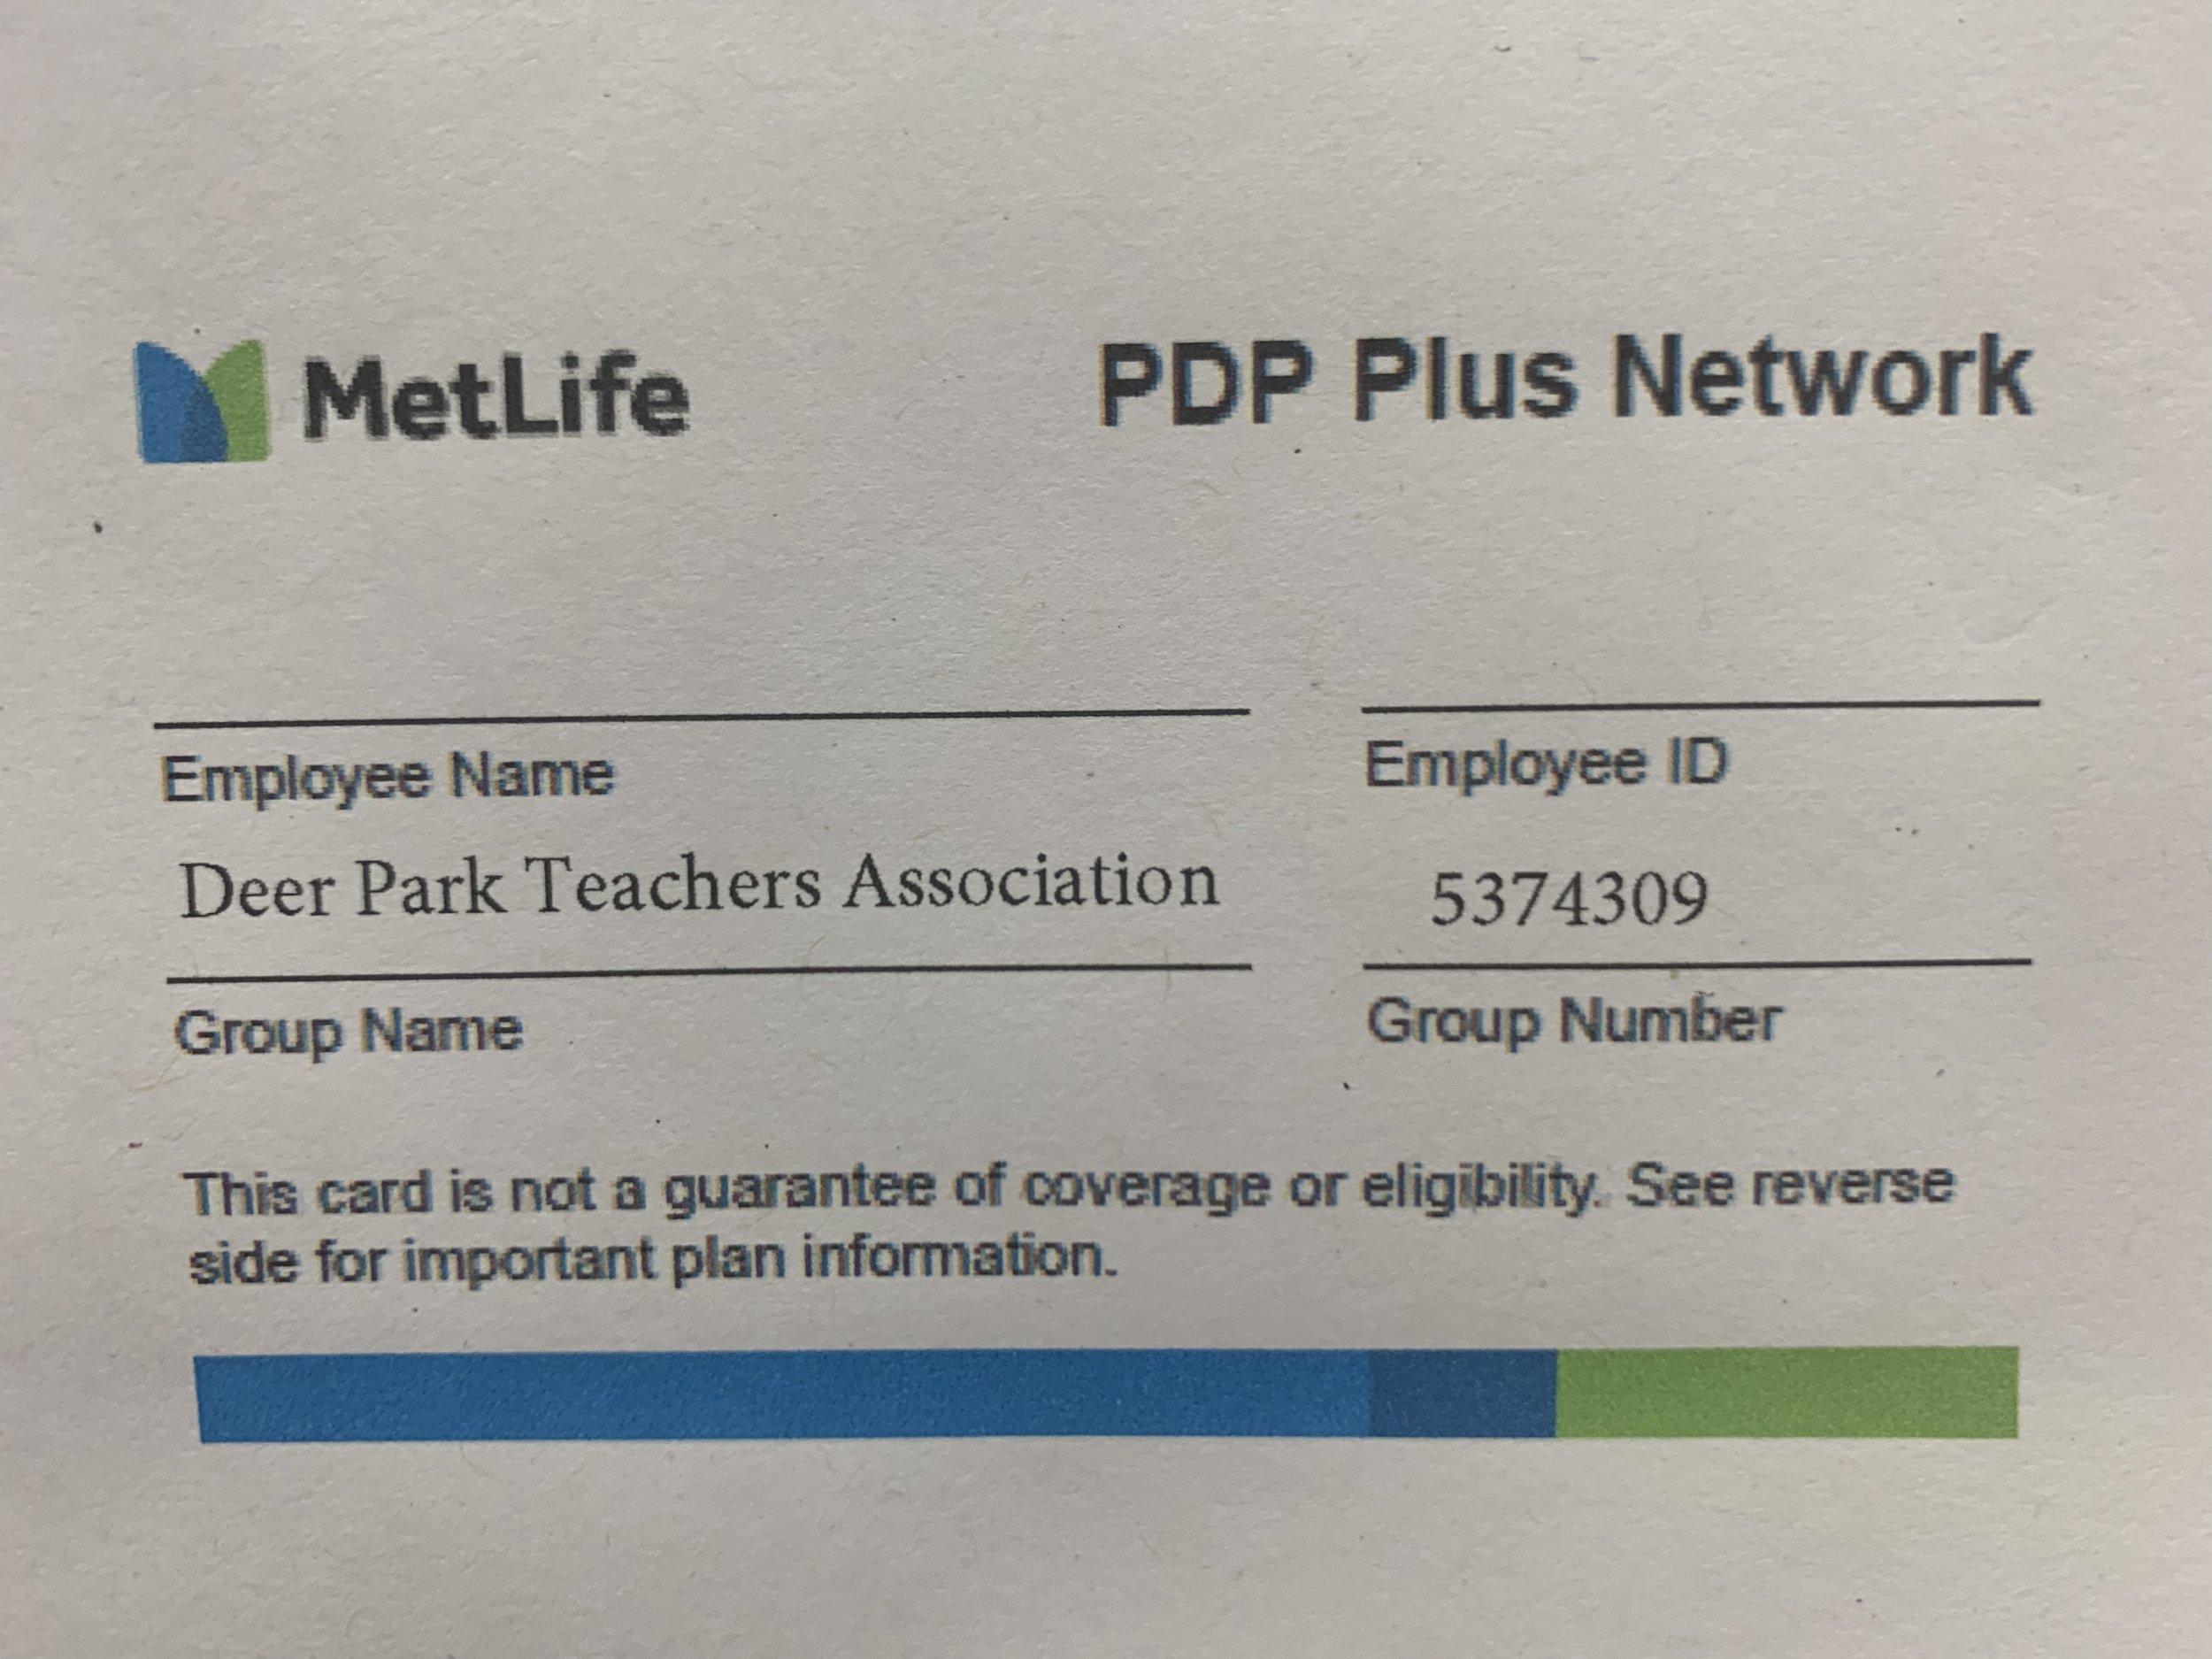 MetLife PDP Plus Network - Group Number 5374309